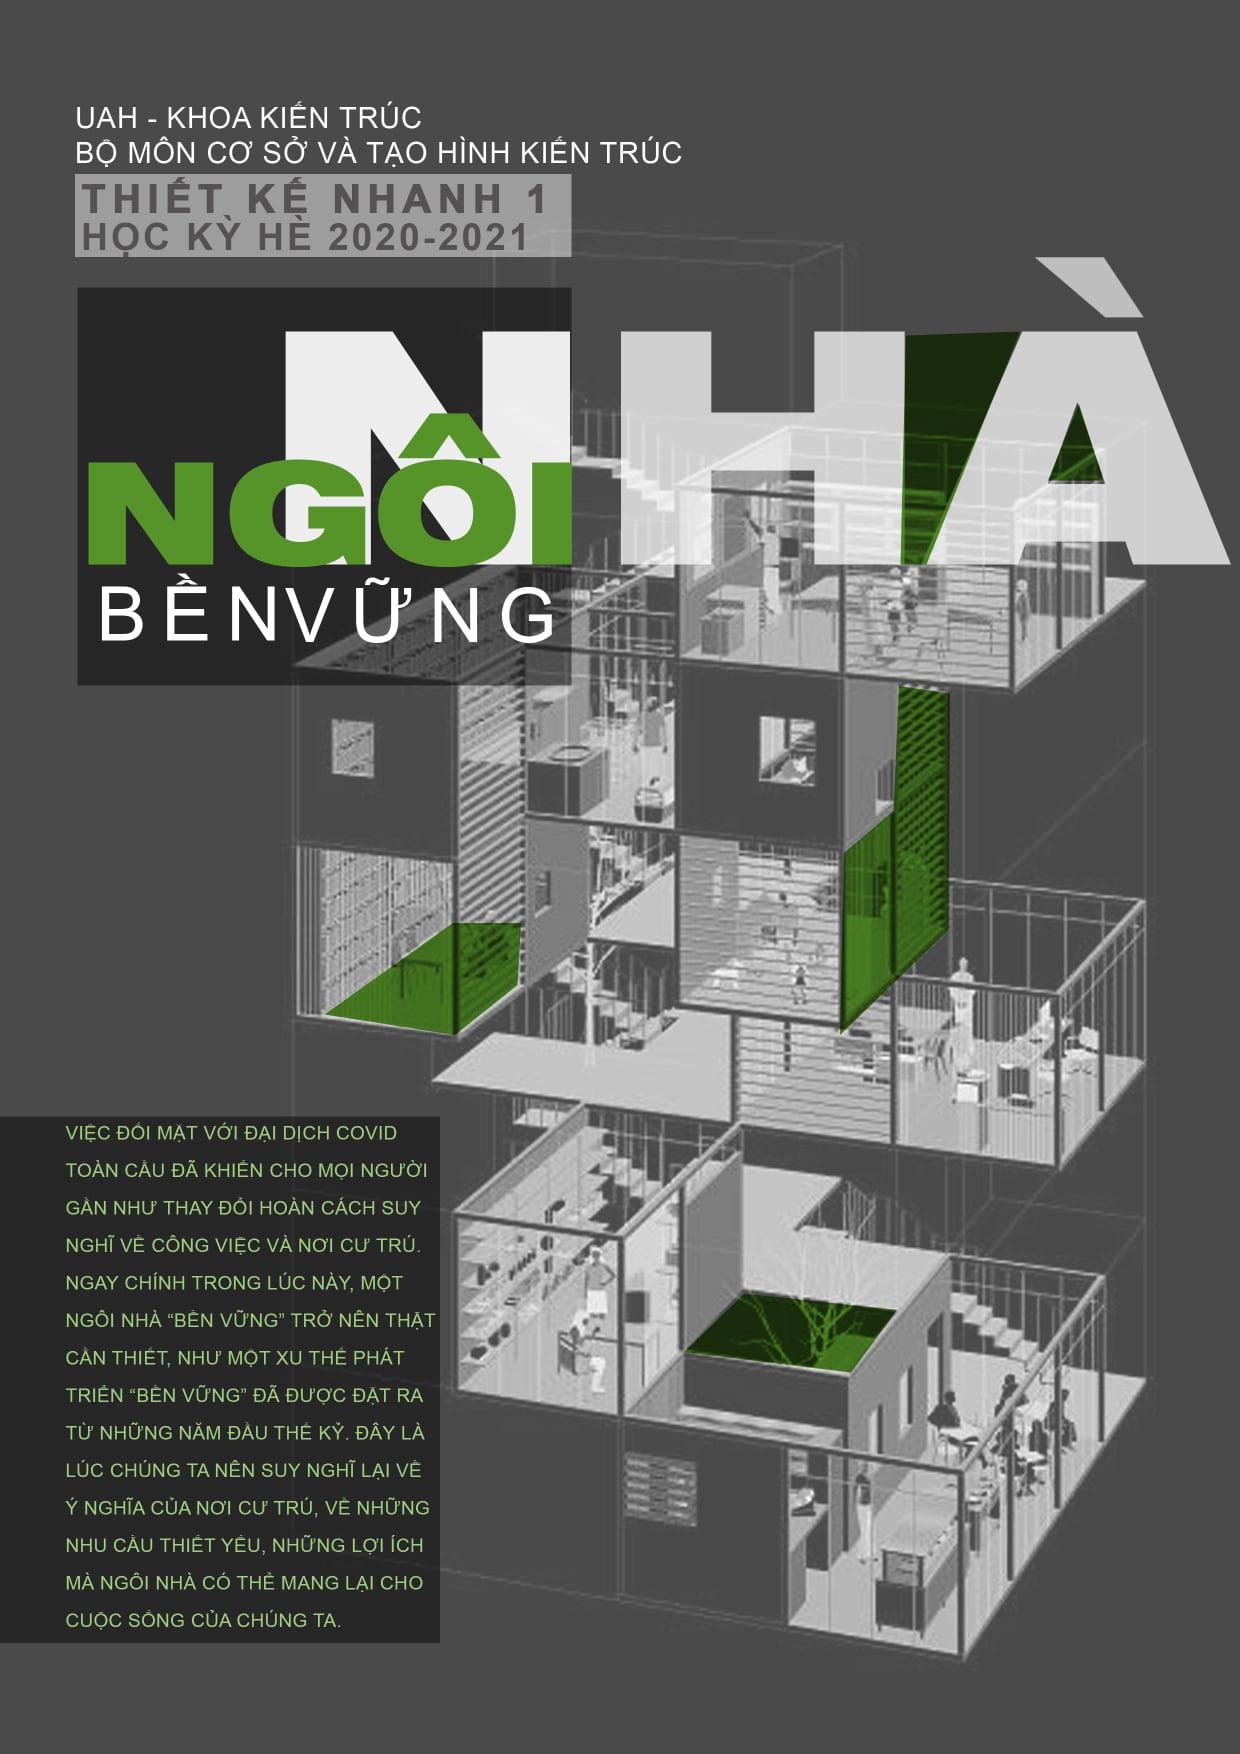 Thiết kế nhanh tại UAH - ngôi nhà bền vững